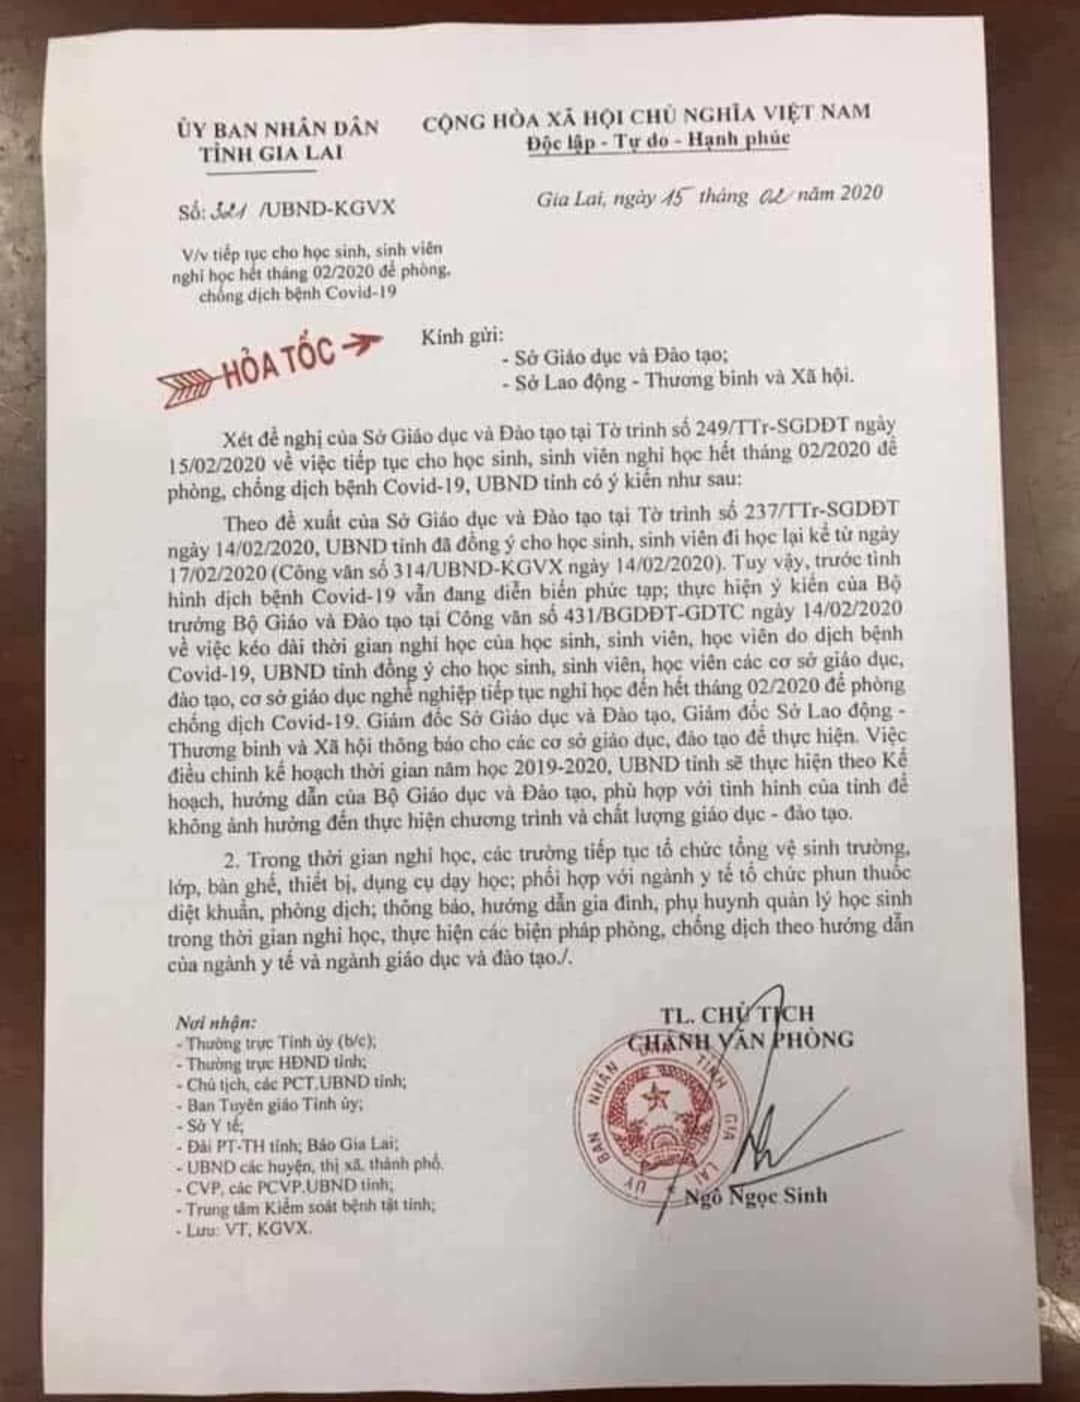 Sở GD-ĐT tỉnhBến Trecũng có công văn khẩn thông báo cho học sinh, sinh viên toàn tỉnh được nghỉ học đến hết tháng 2.